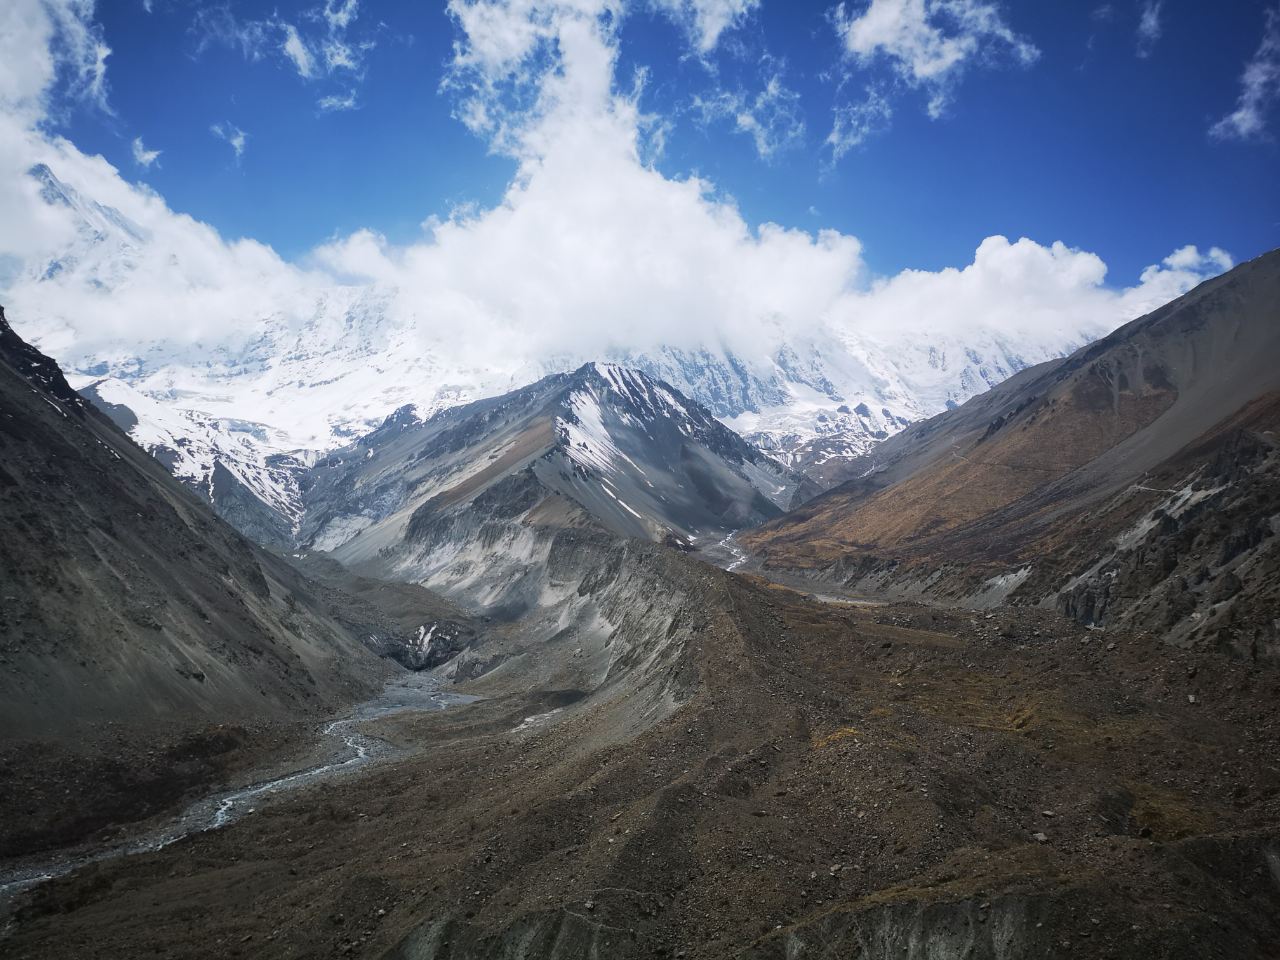 Photo 1: Le Grand tour des Annapurnas-Népal